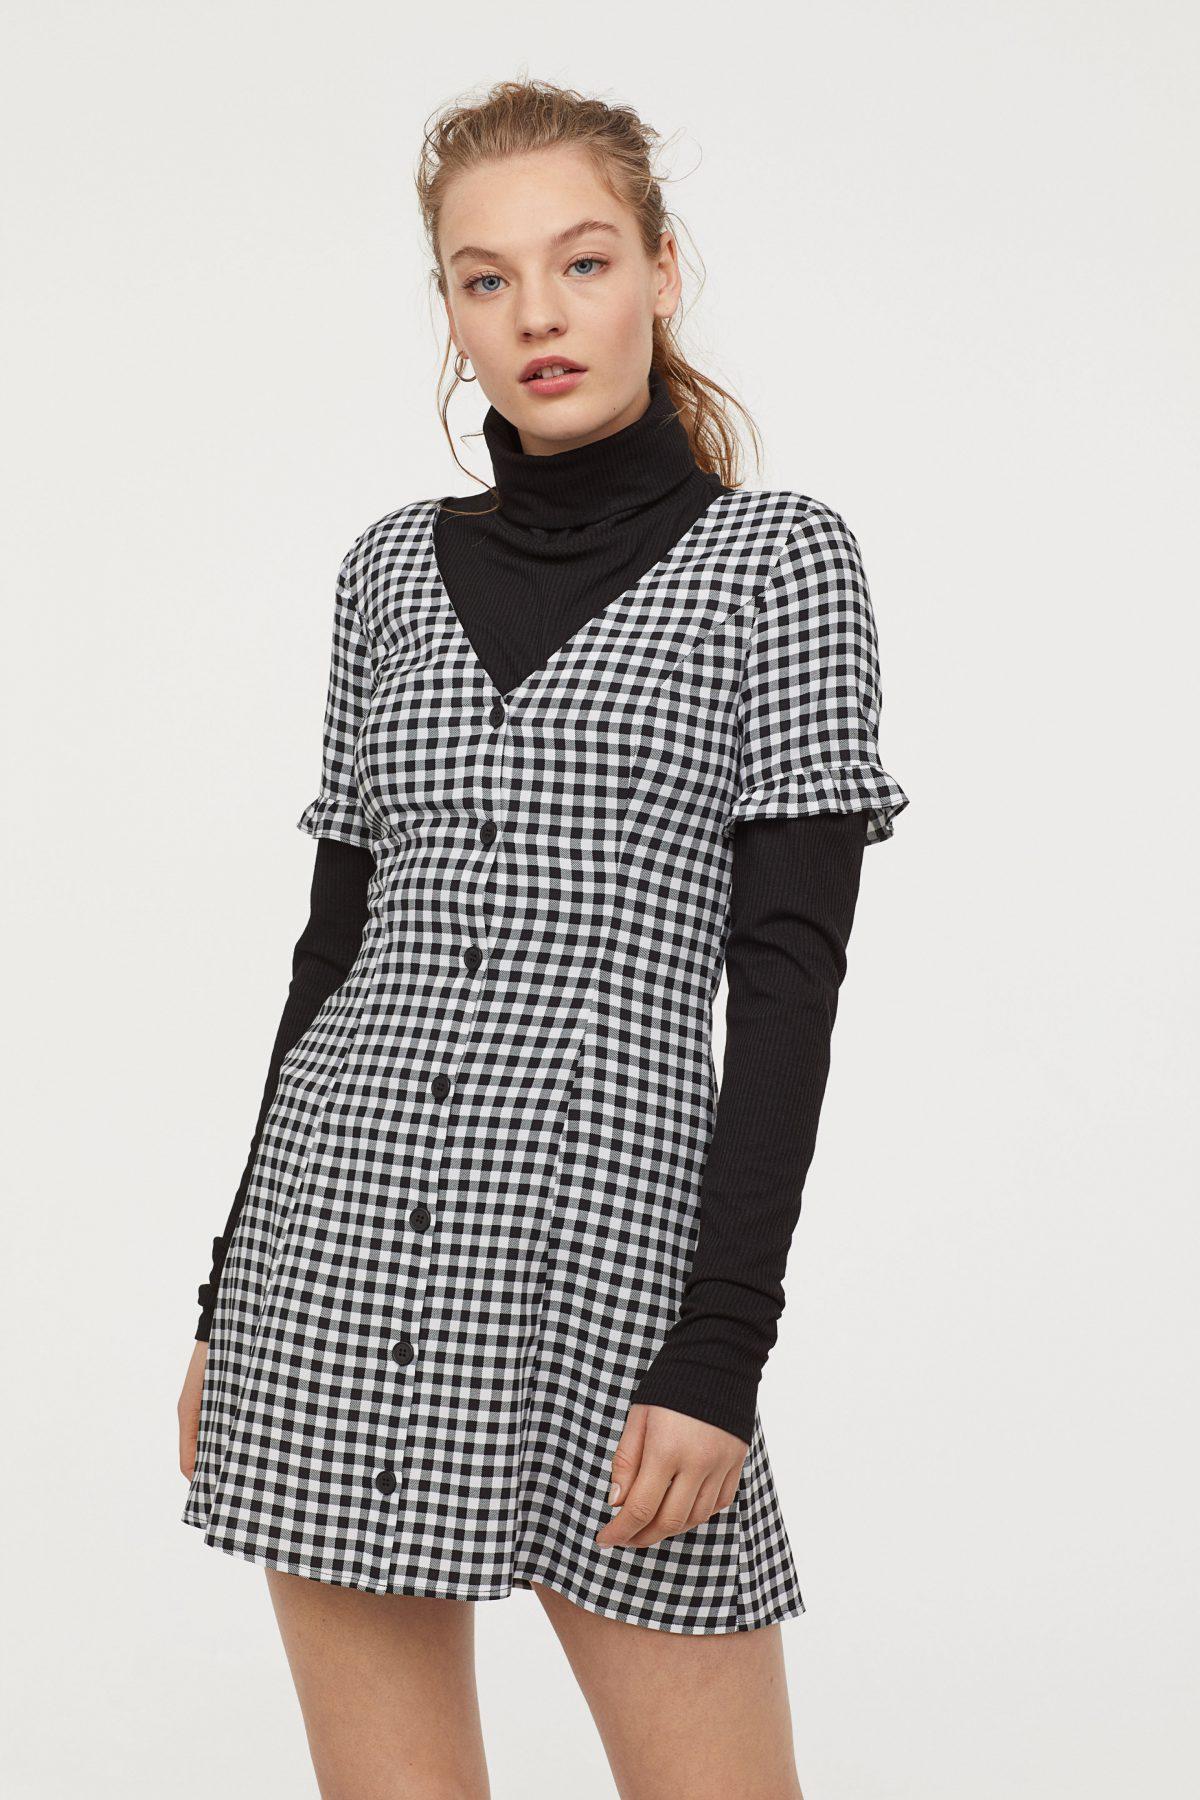 Vestido de H&M de estampado de cuadros vichy